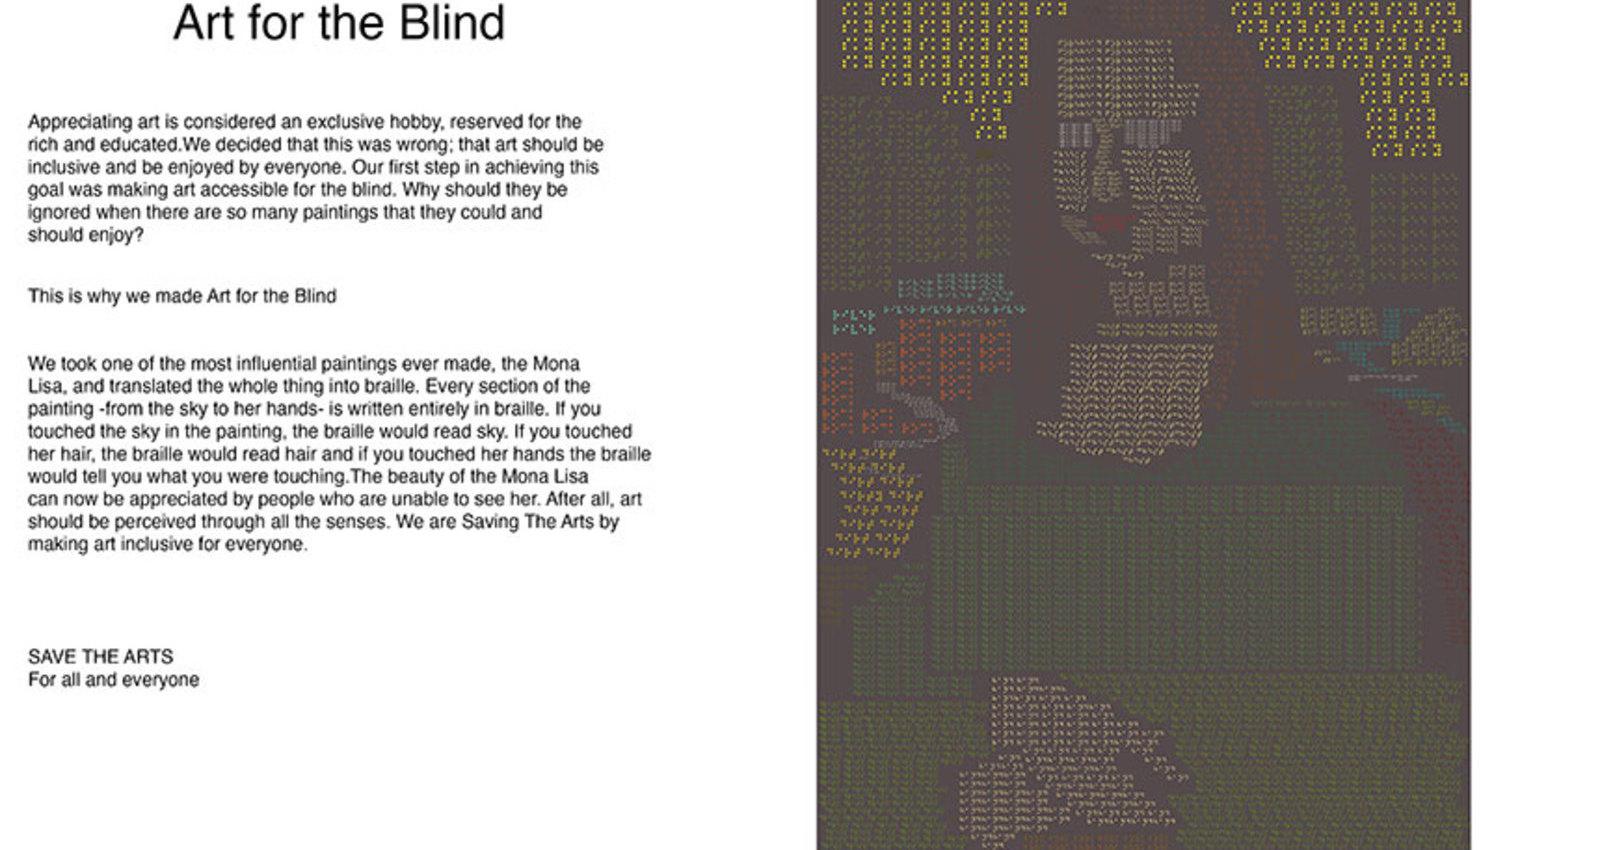 Art for the Blind